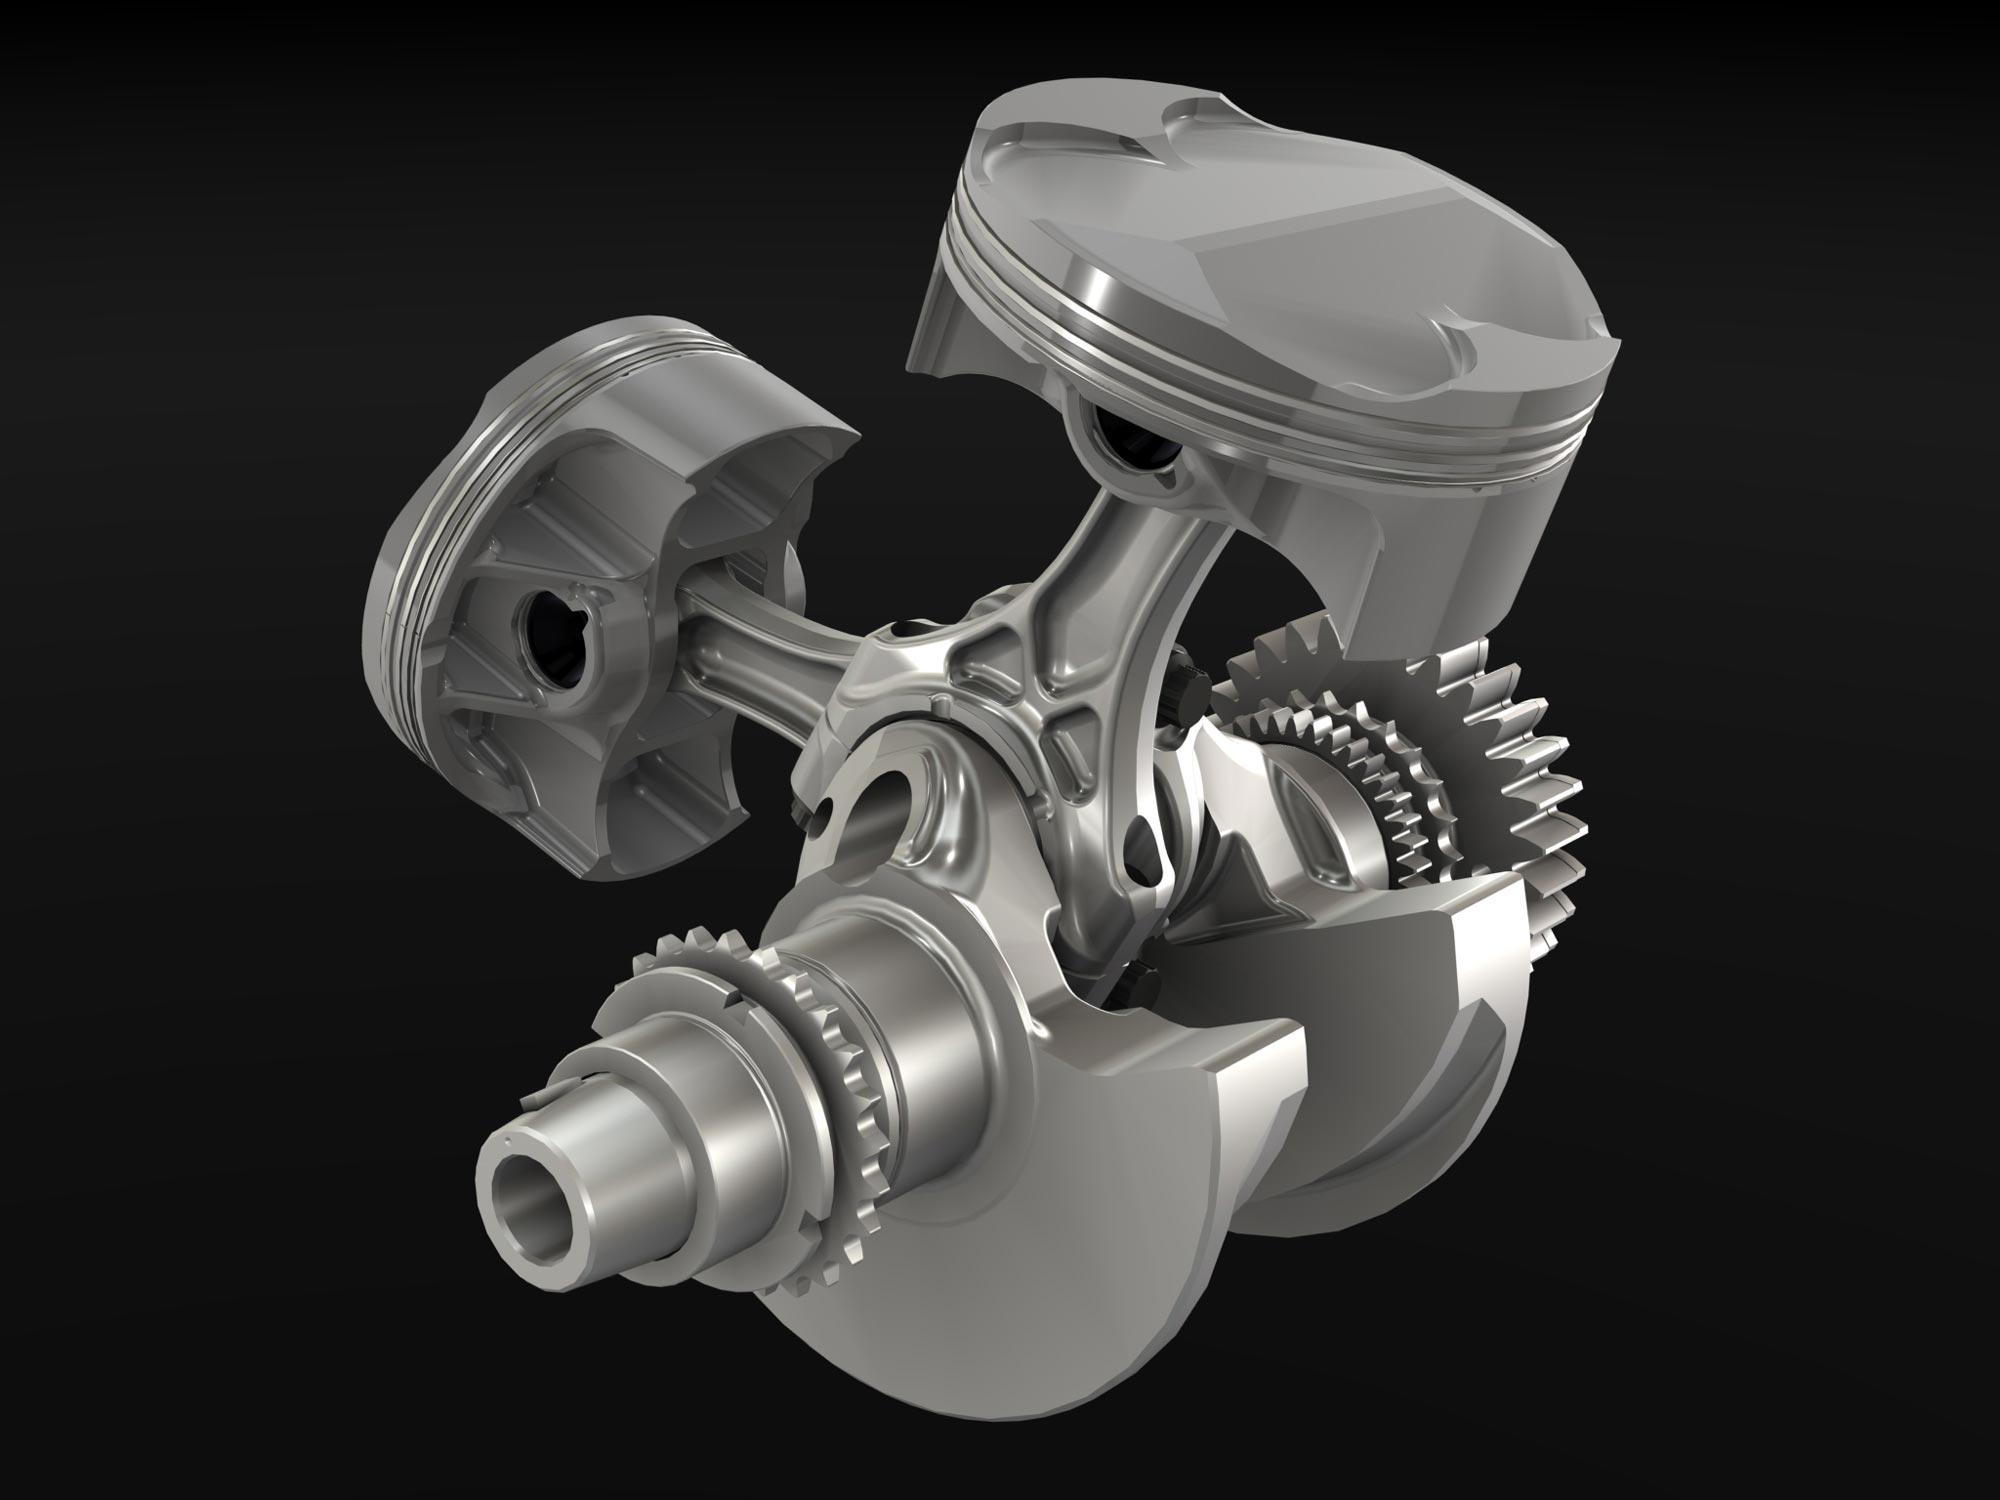 Motor Ducati Superquadro